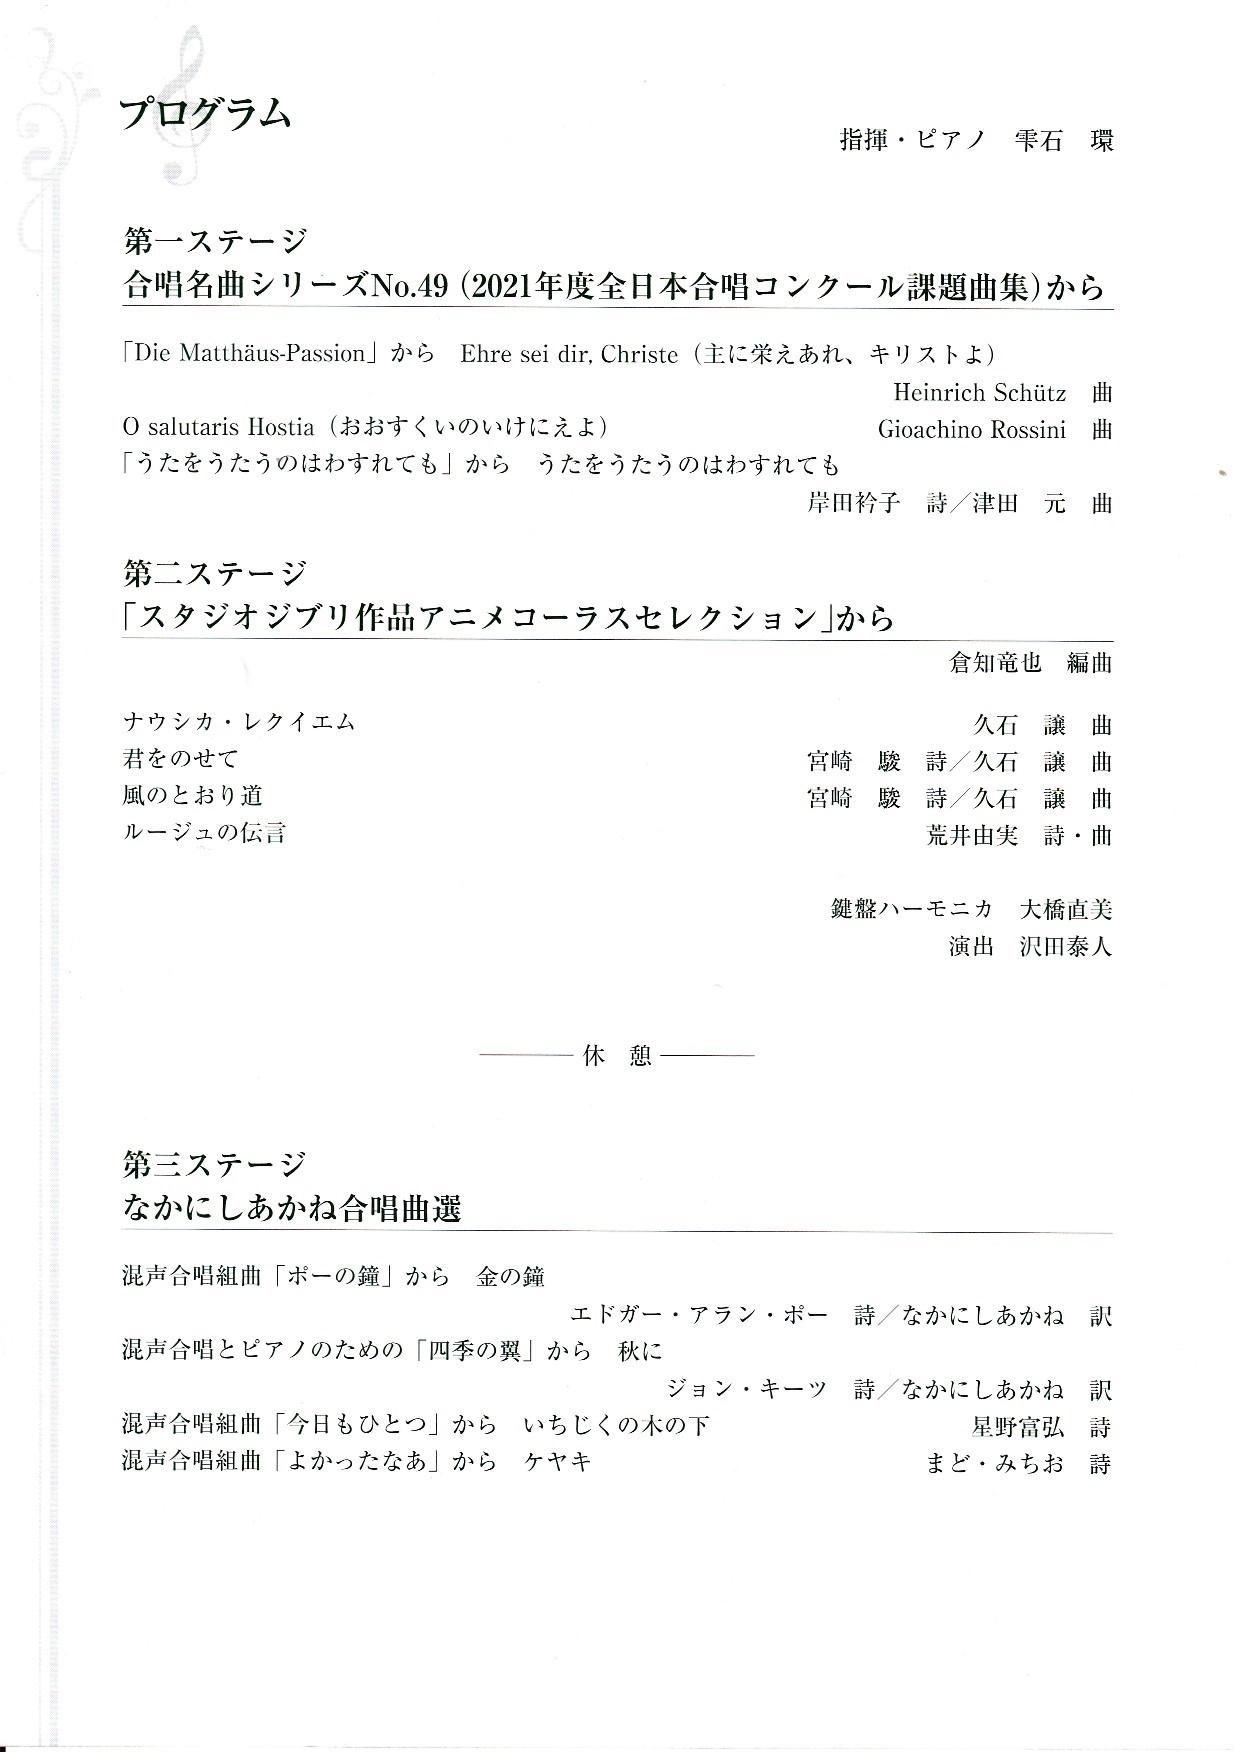 第90回演奏会_c0125004_10590519.jpg